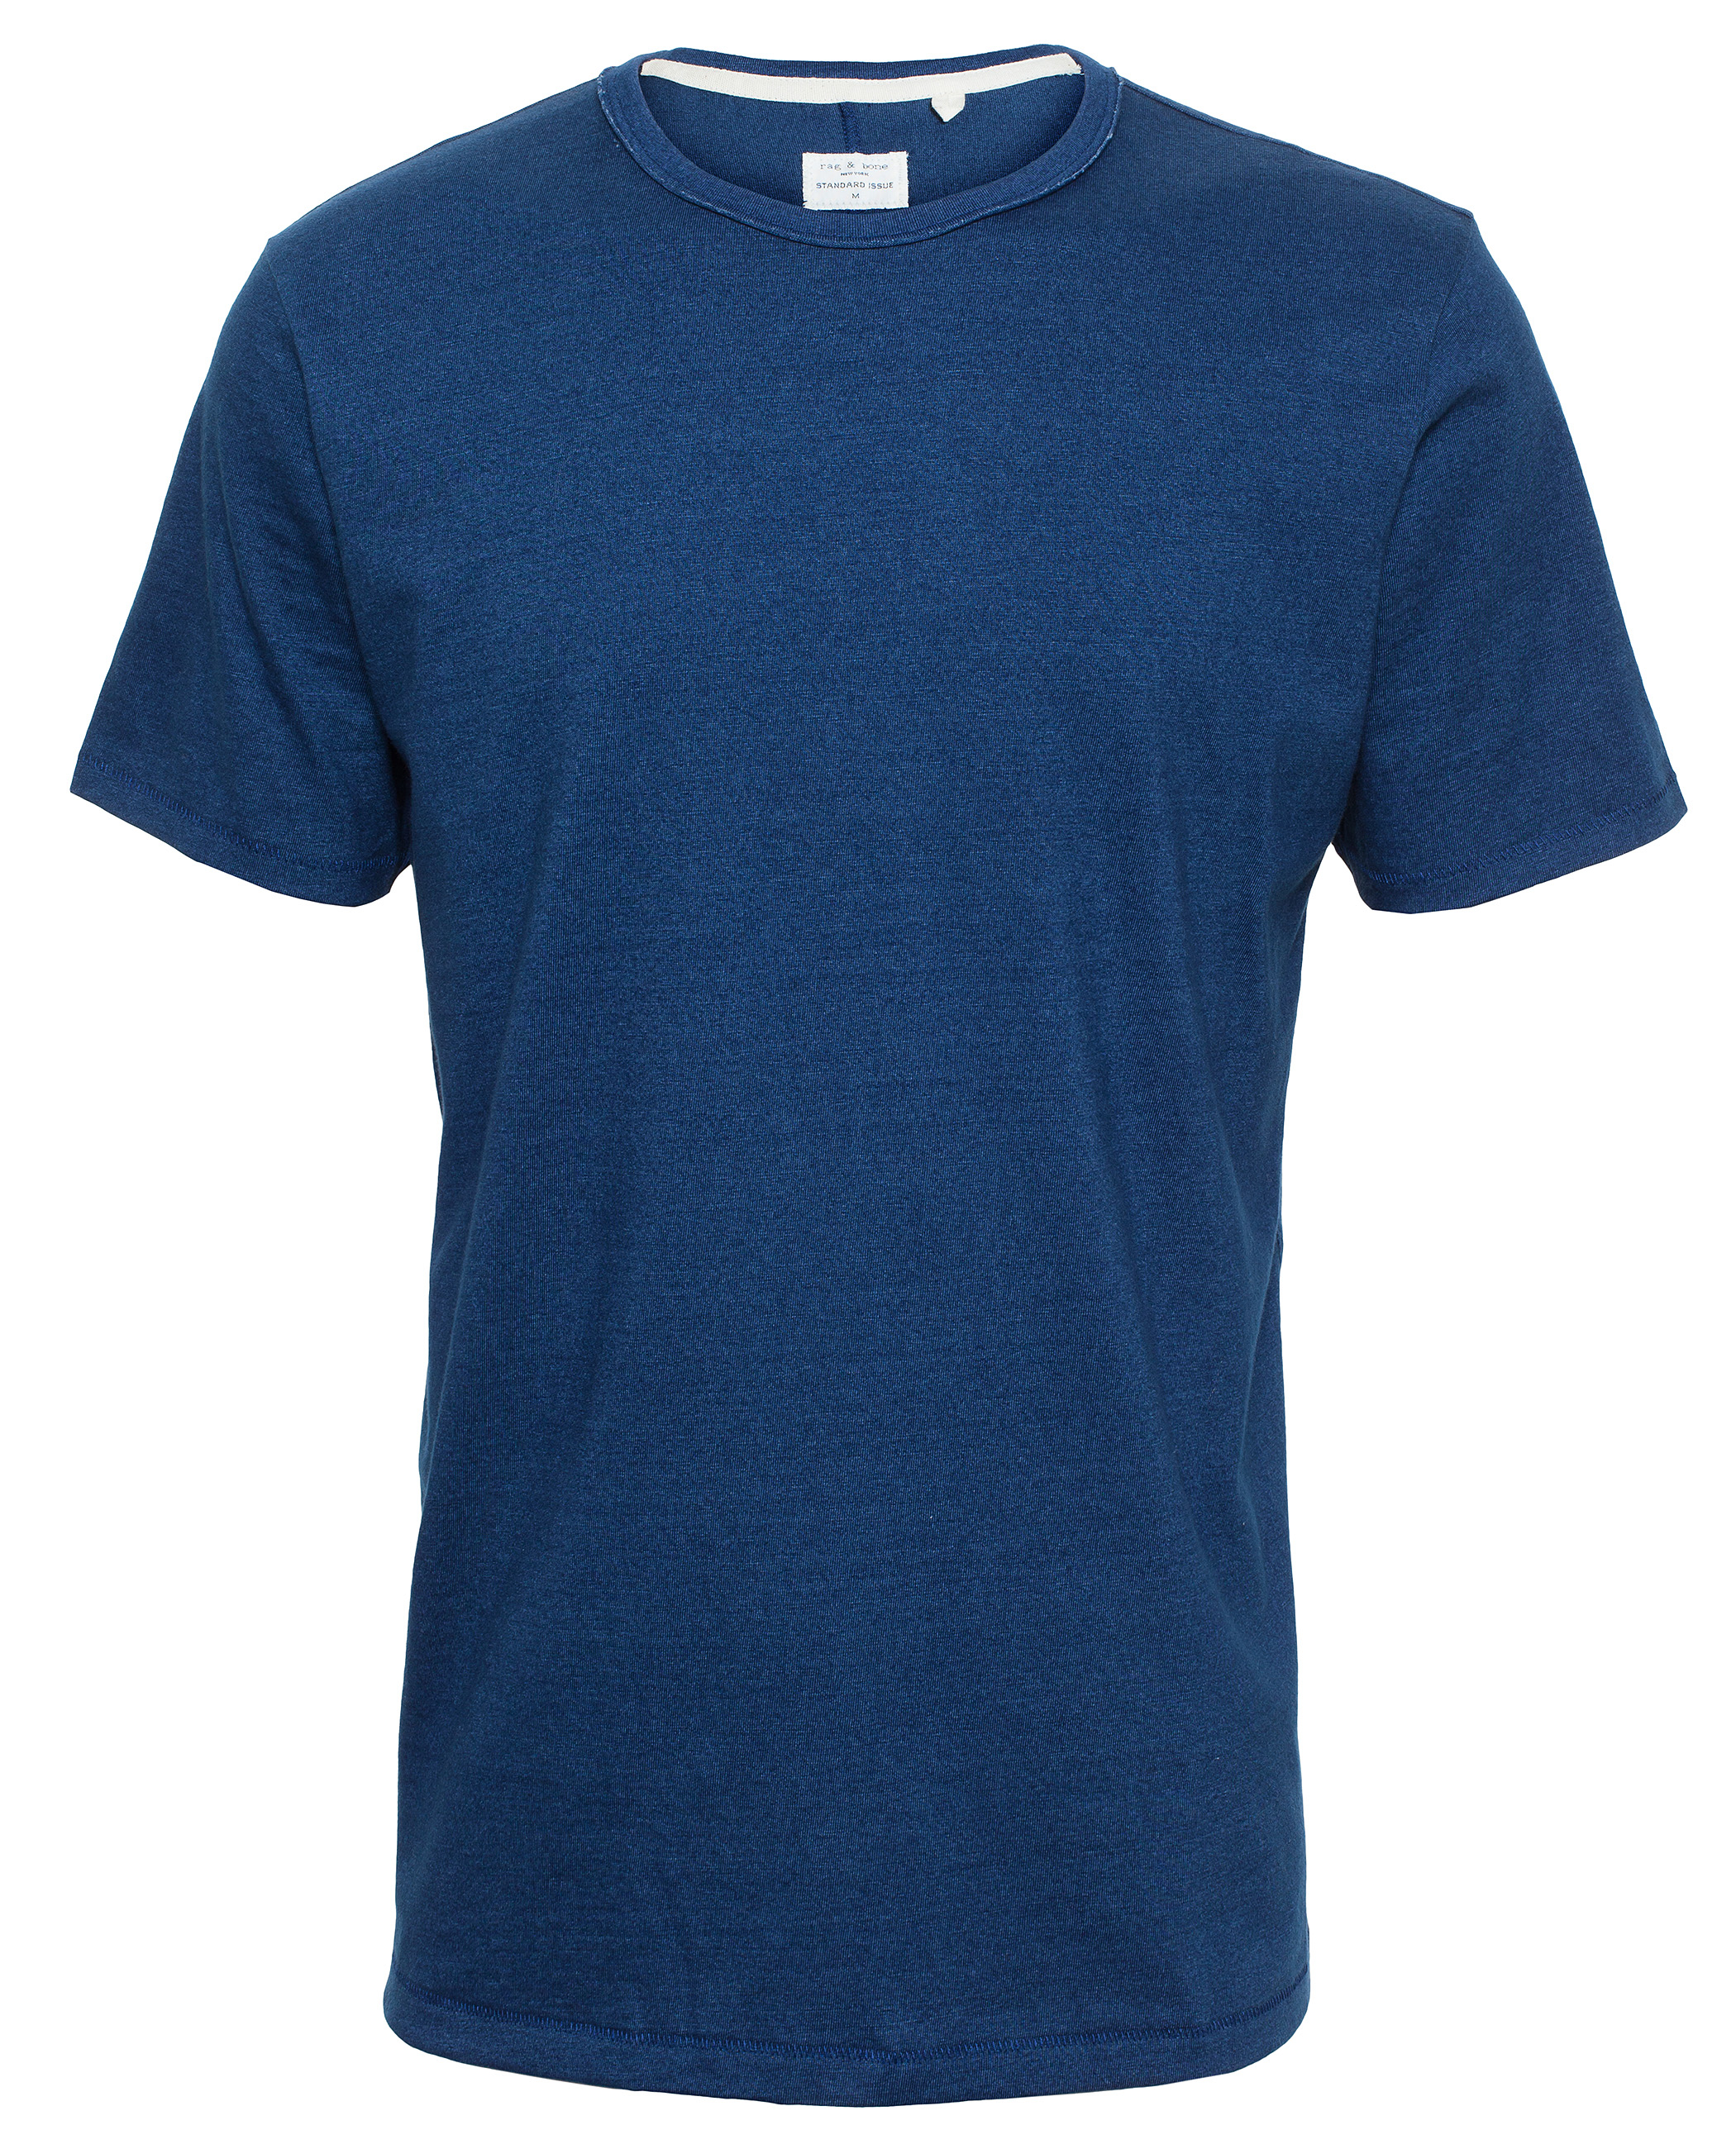 Rag Bone Basic Cotton T Shirt In Blue For Men Lyst